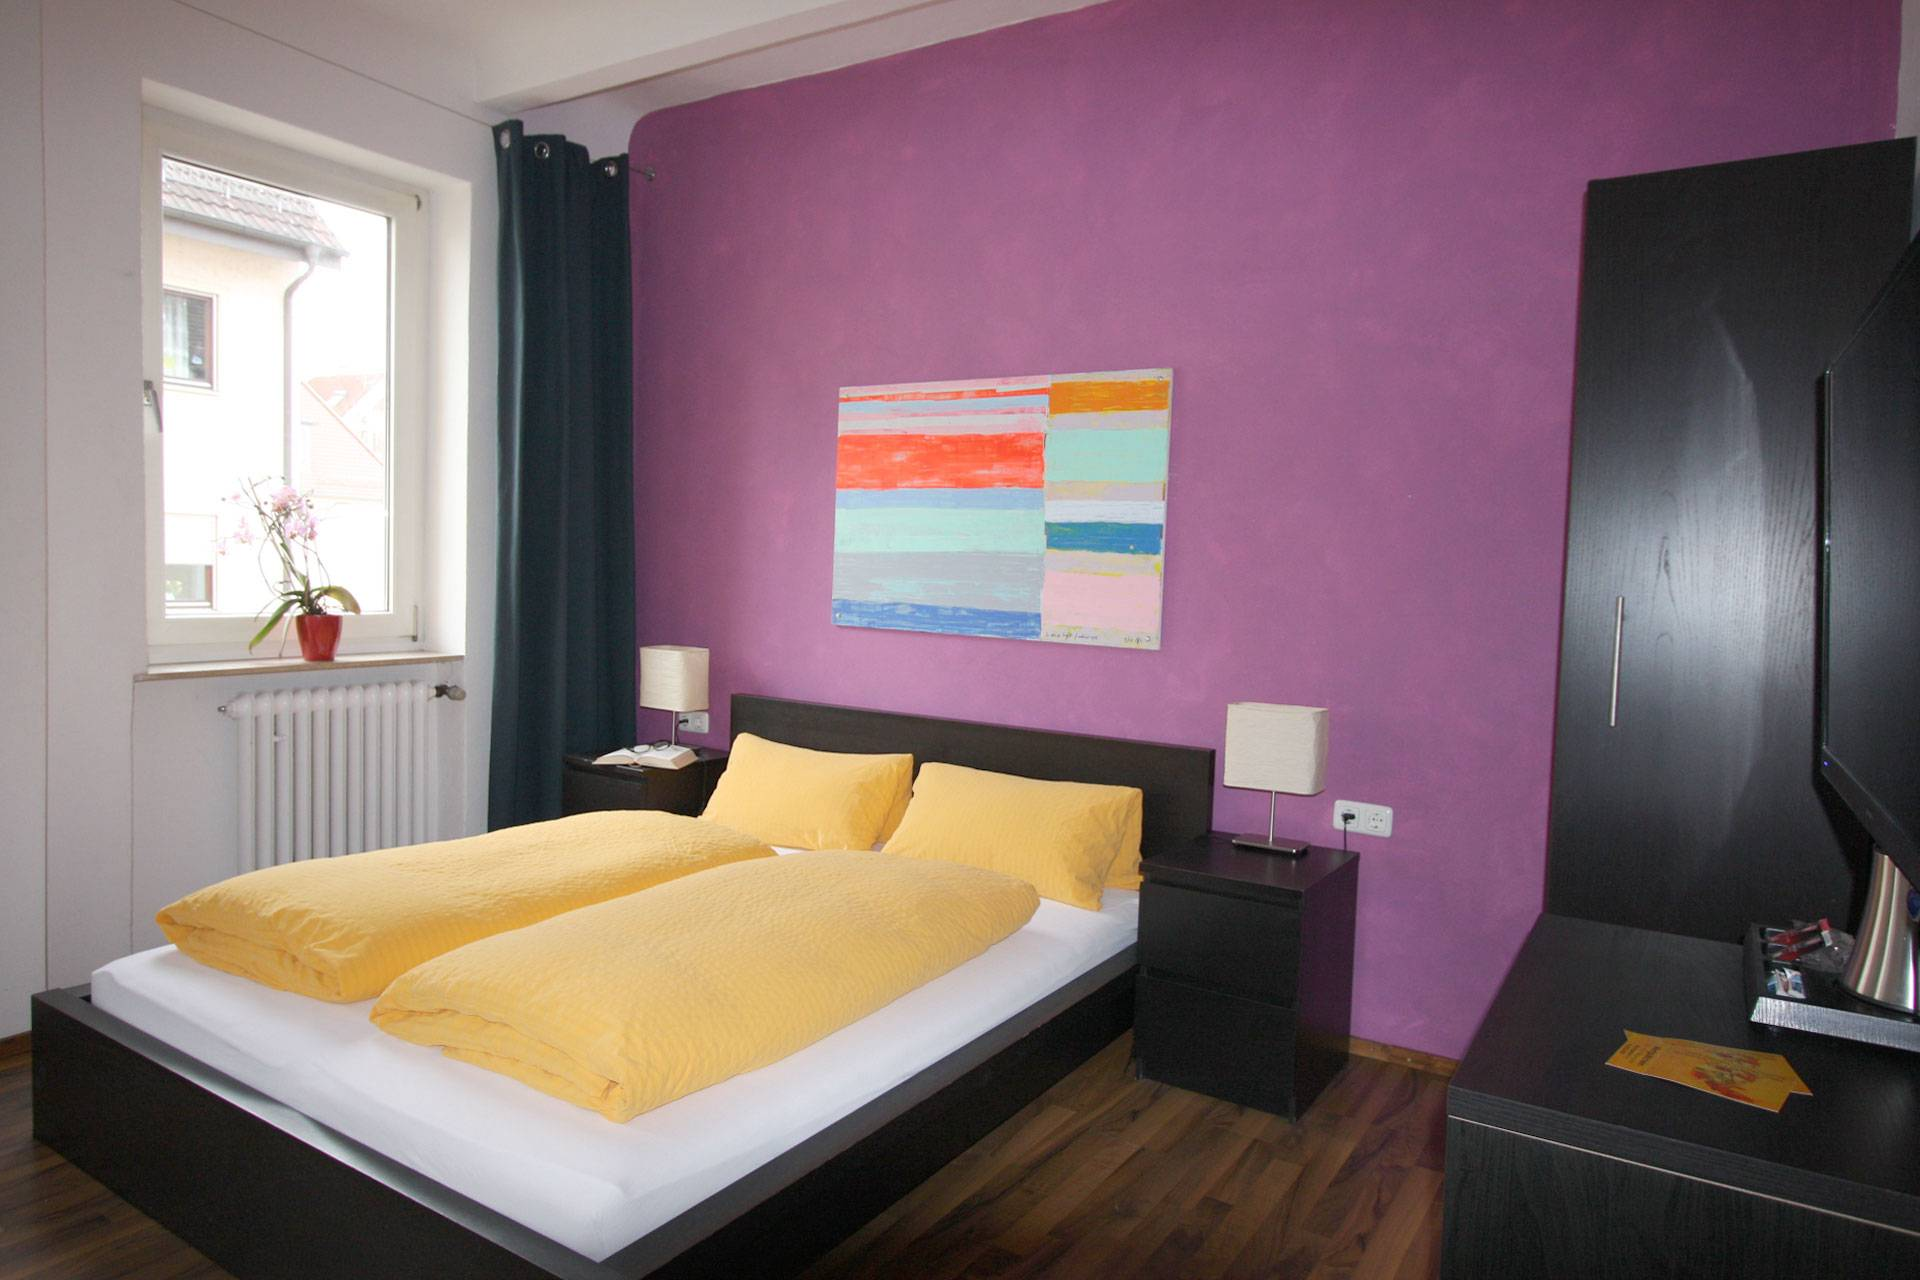 Stadthotel Kleiner Berg, Pension in Friedrichshafen